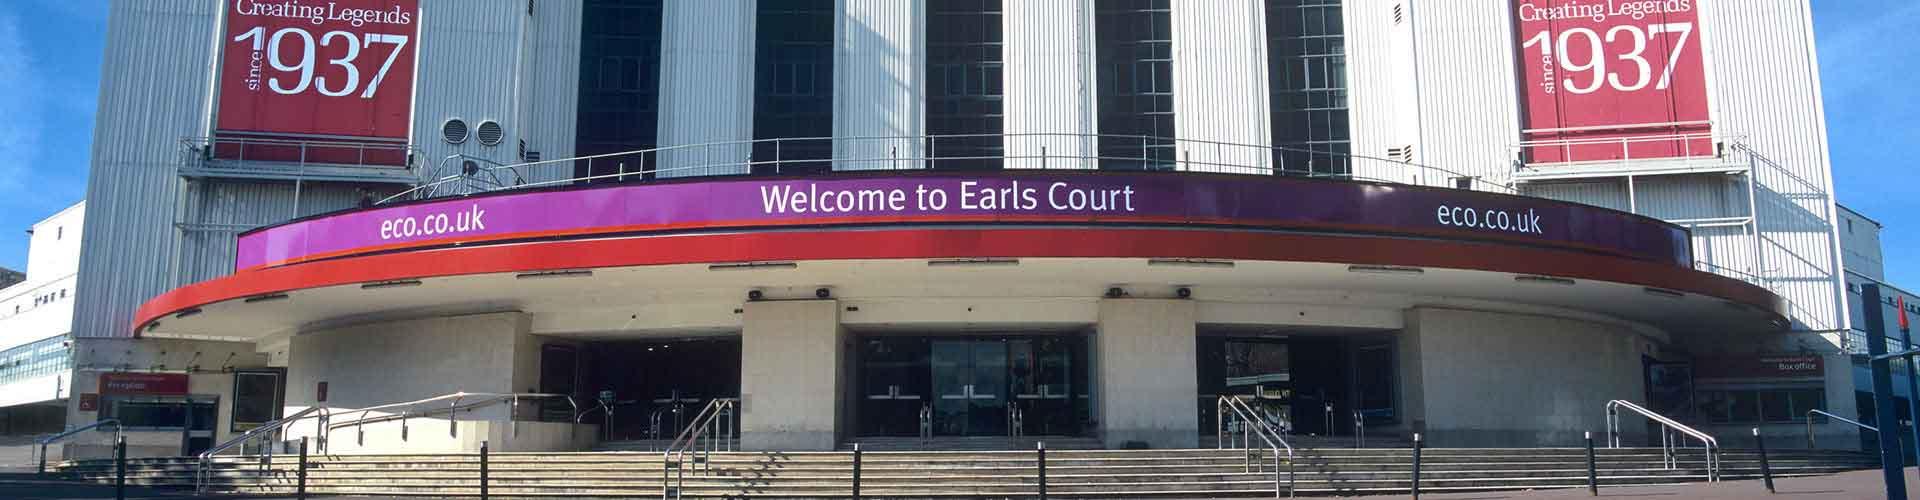 Londres - Albergues Juveniles en el distrito Earls Court . Mapas de Londres, Fotos y Comentarios para cada Albergue Juvenil en Londres.